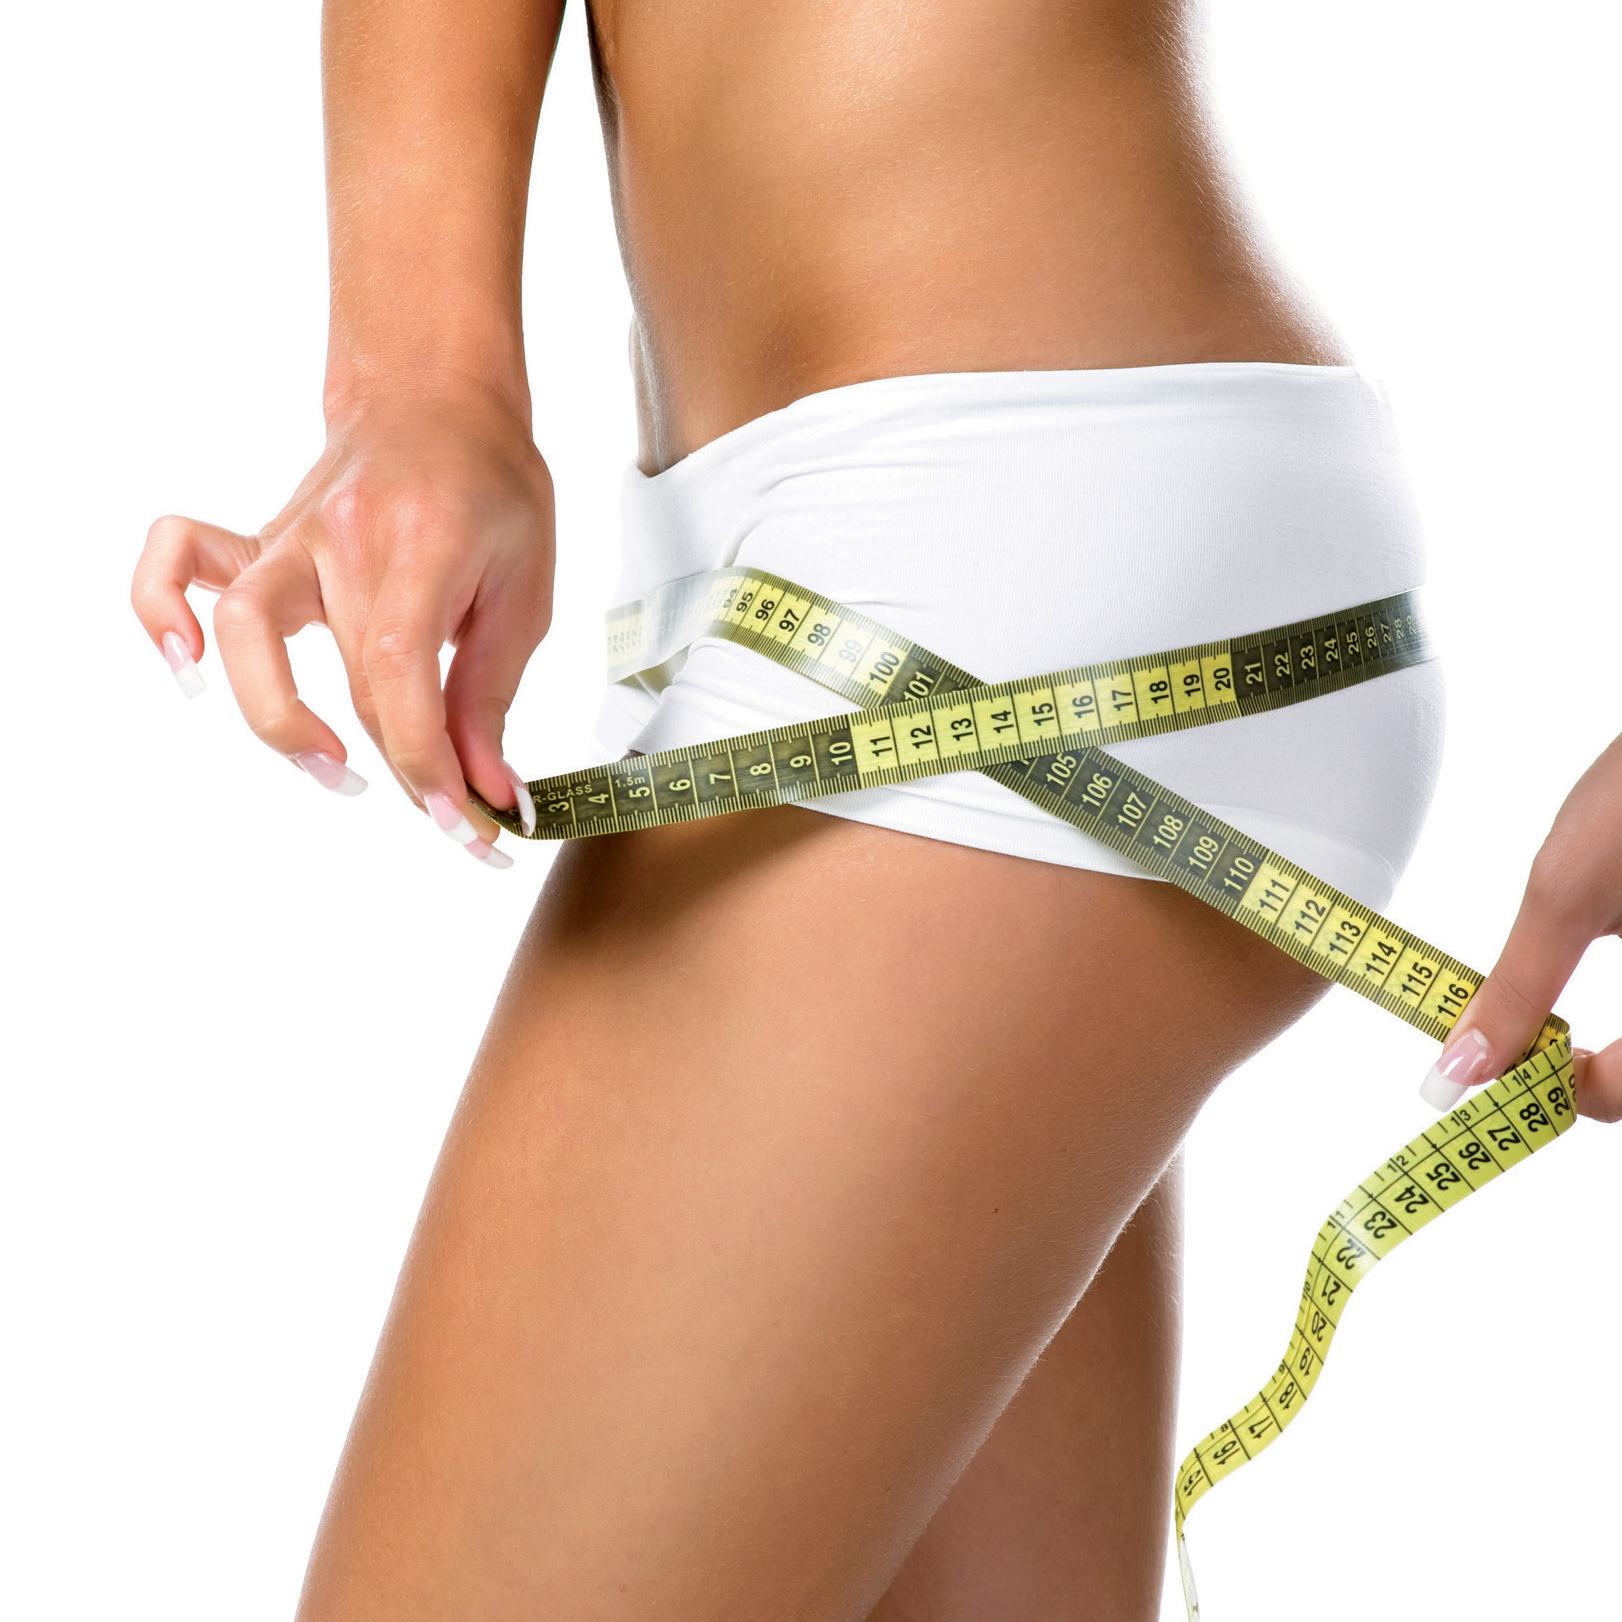 Linea e controllo del peso